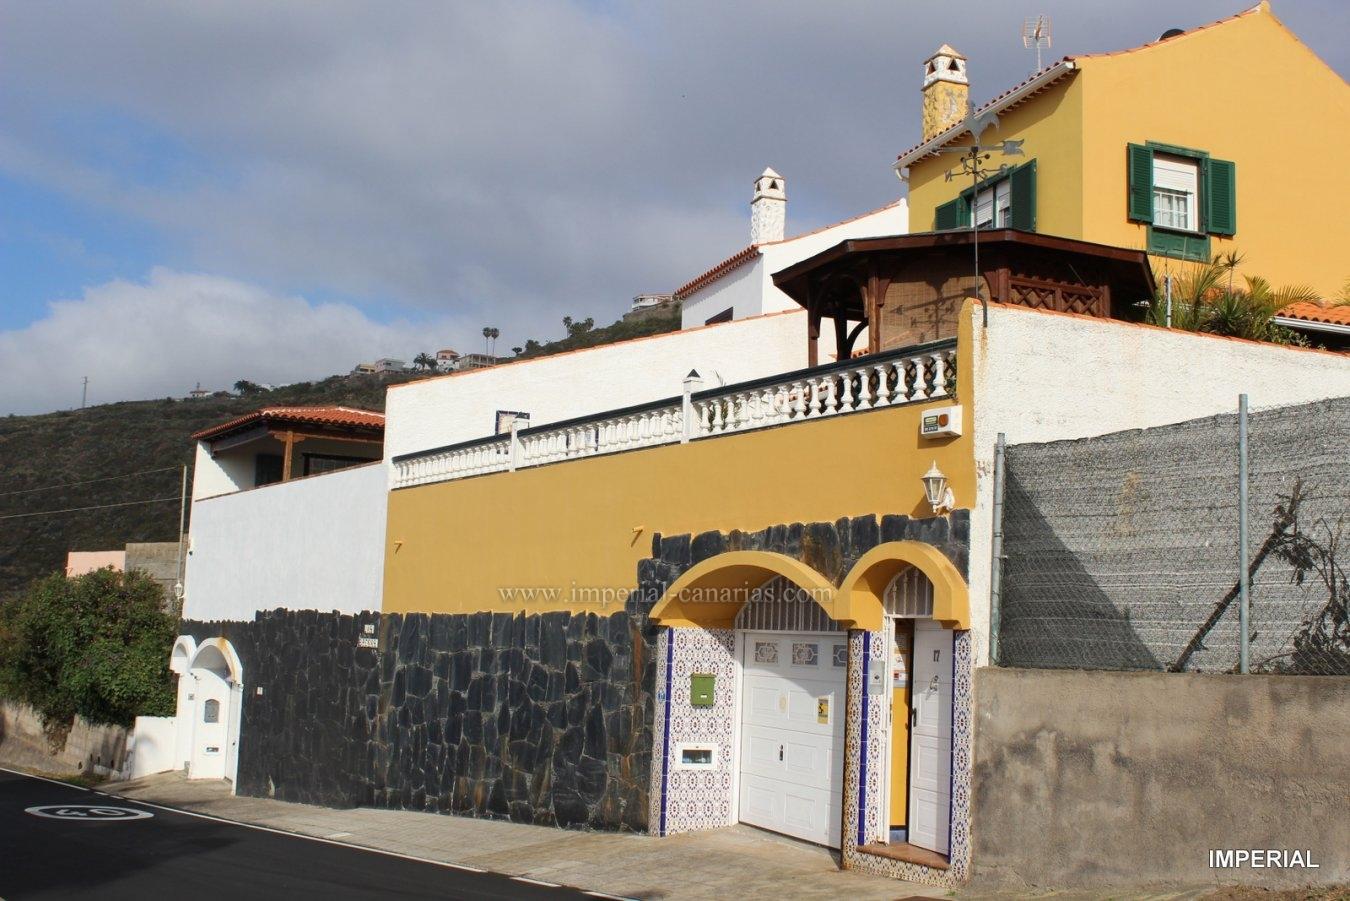 Schönes Reiheneckhaus in El Sauzal mit Pool, Sauna, Grill und Obstgarten, ideal für eine Familie.